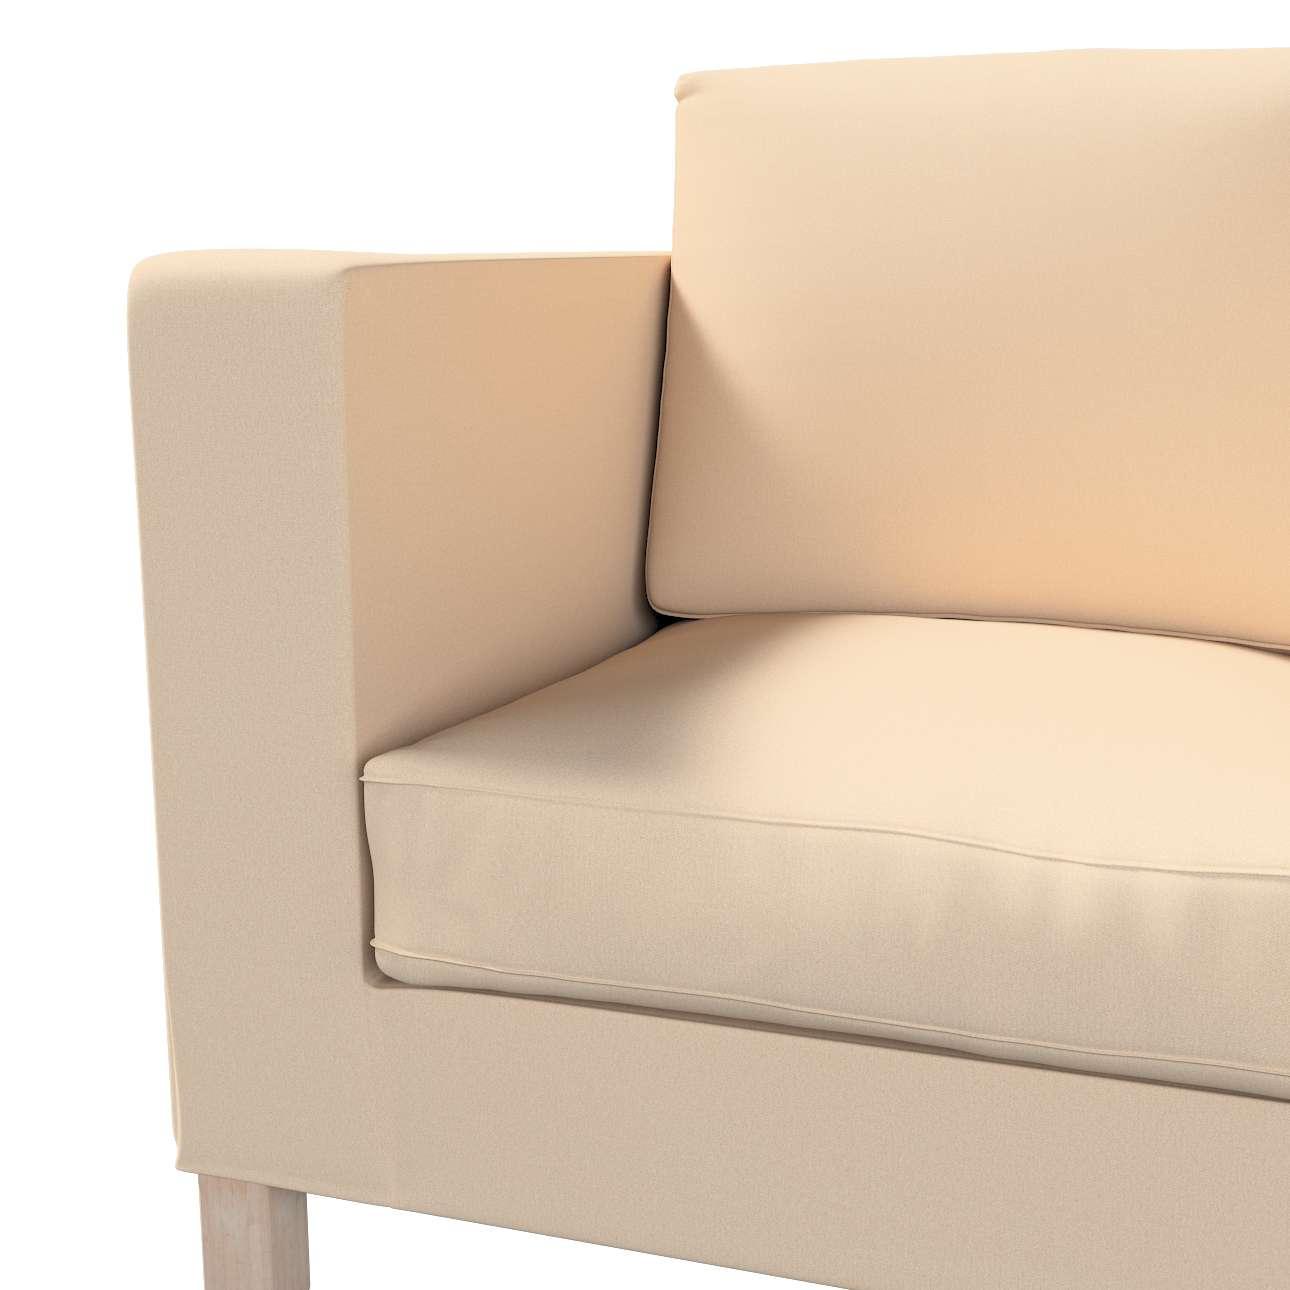 Bezug für Karlanda 2-Sitzer Sofa nicht ausklappbar, kurz von der Kollektion Living, Stoff: 160-61